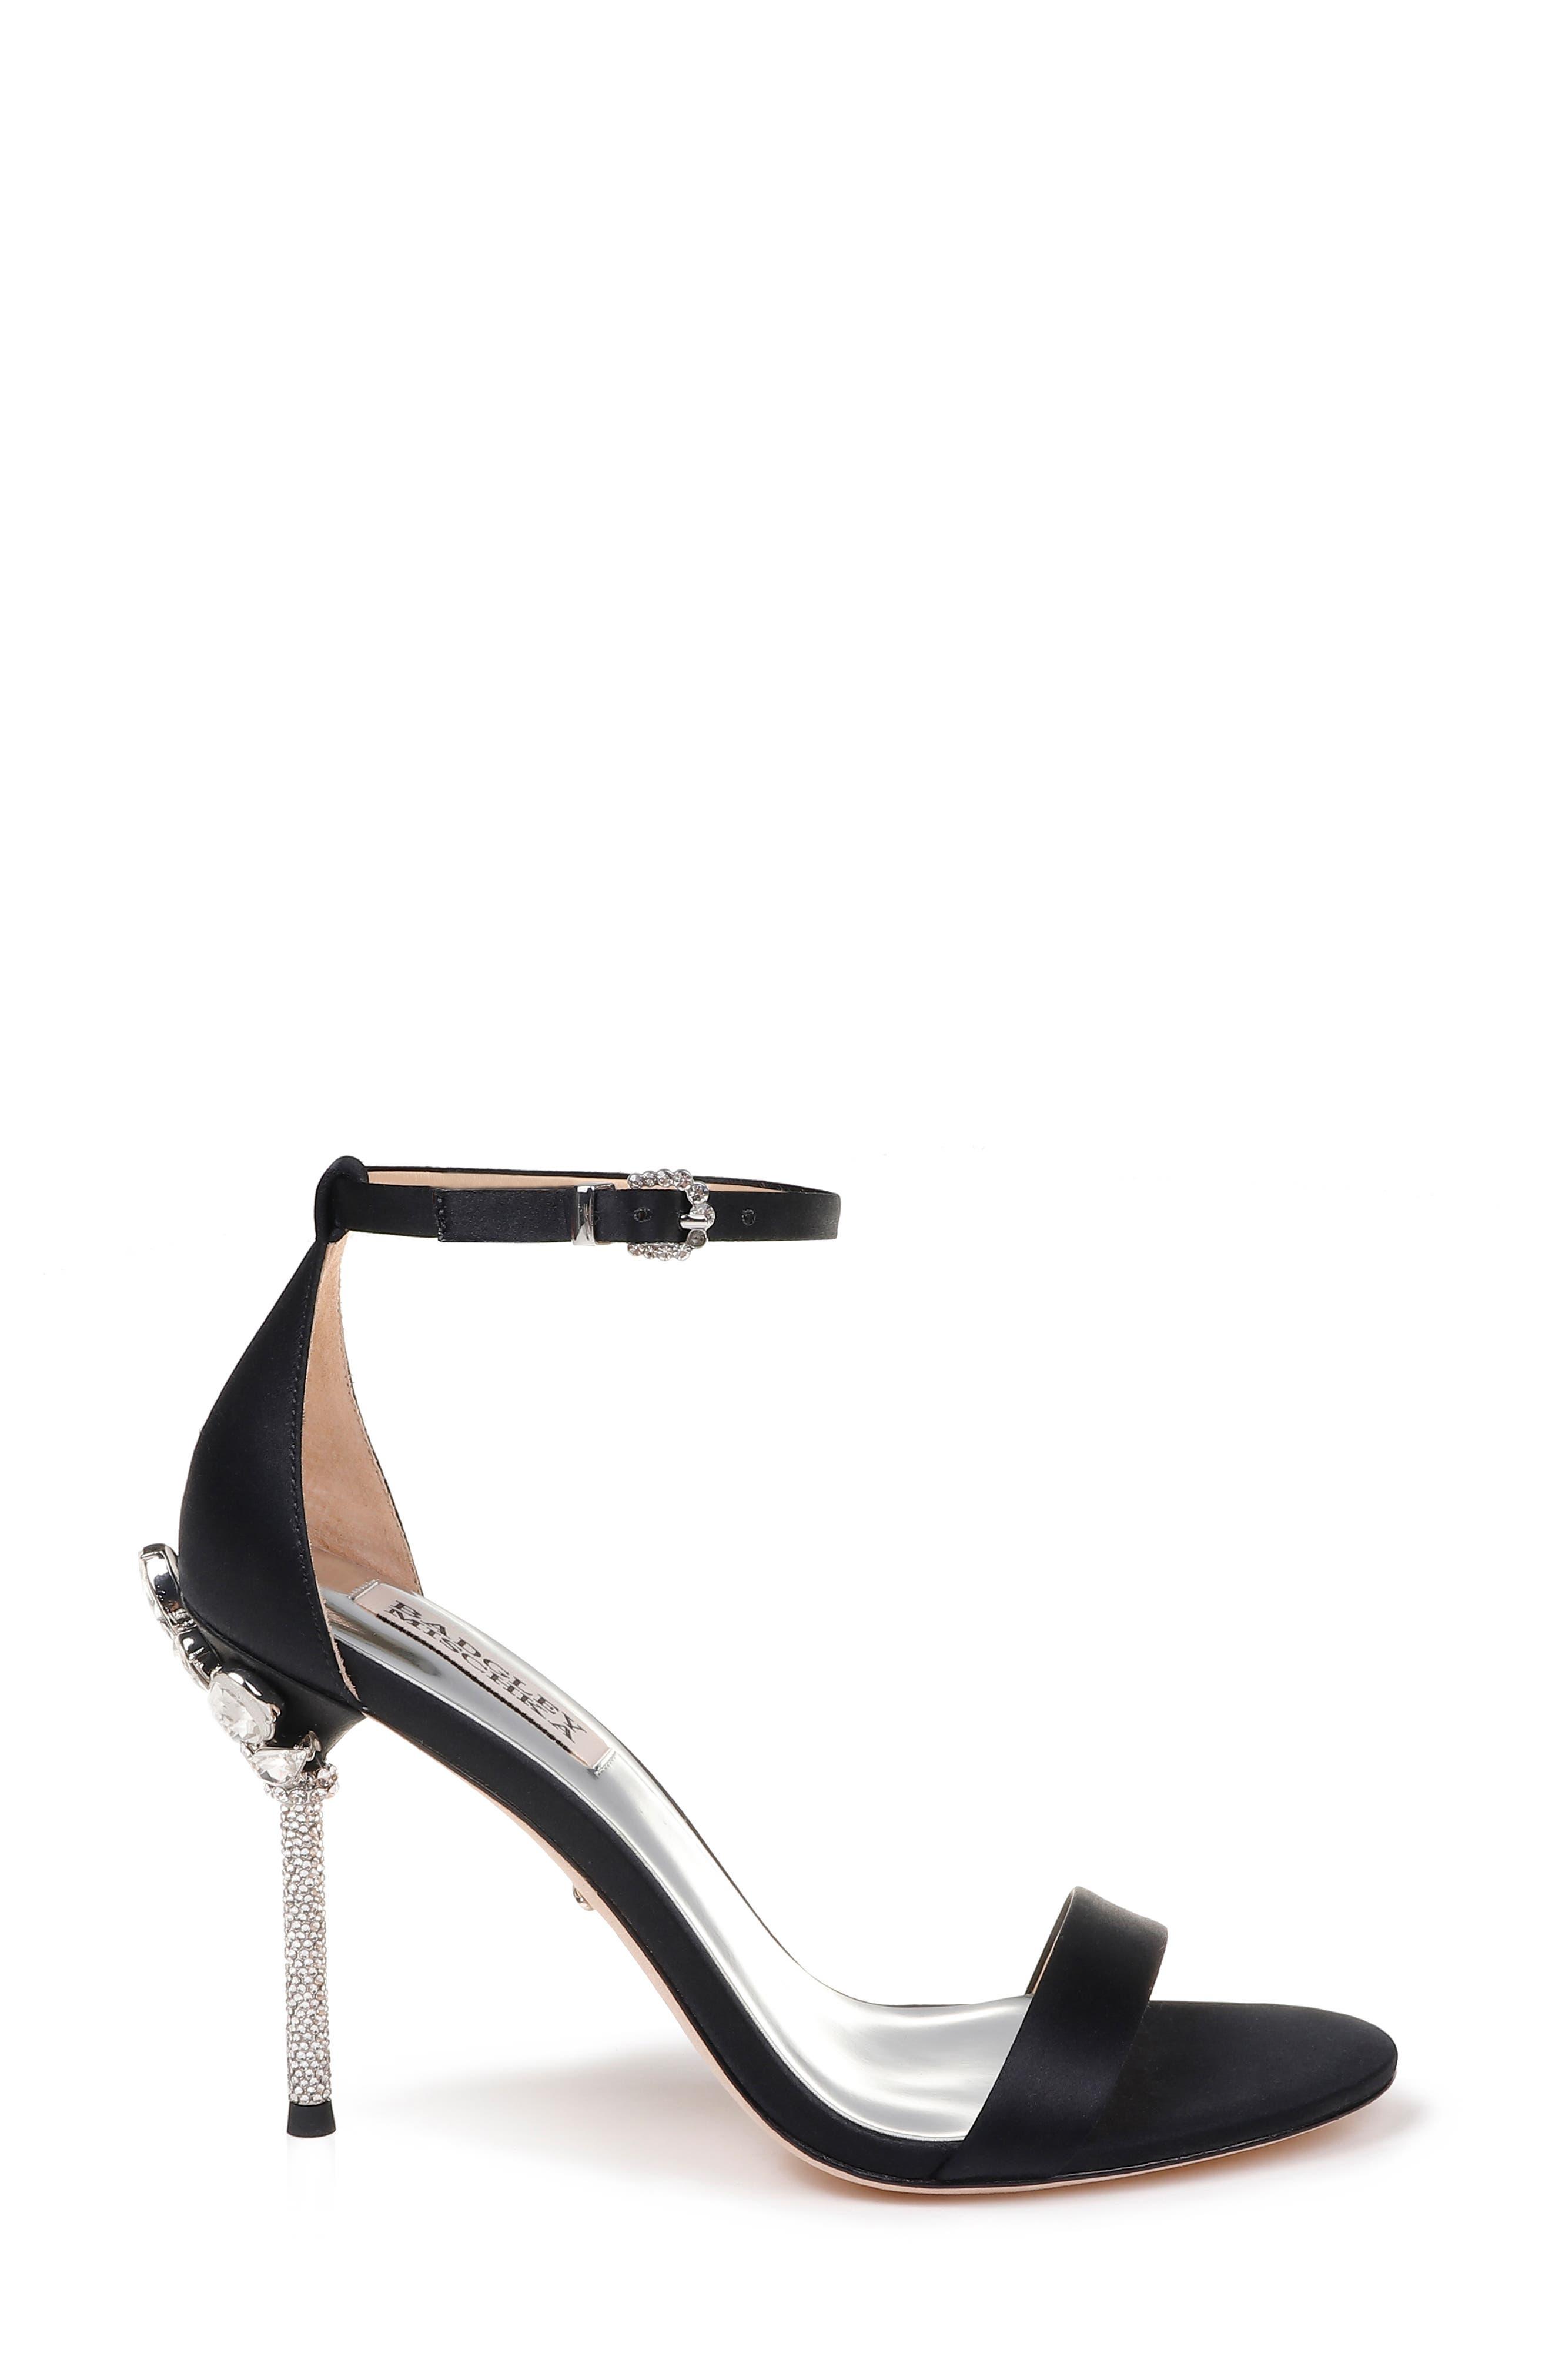 Vicia Crystal Embellished Heel Sandal,                             Alternate thumbnail 3, color,                             BLACK SATIN